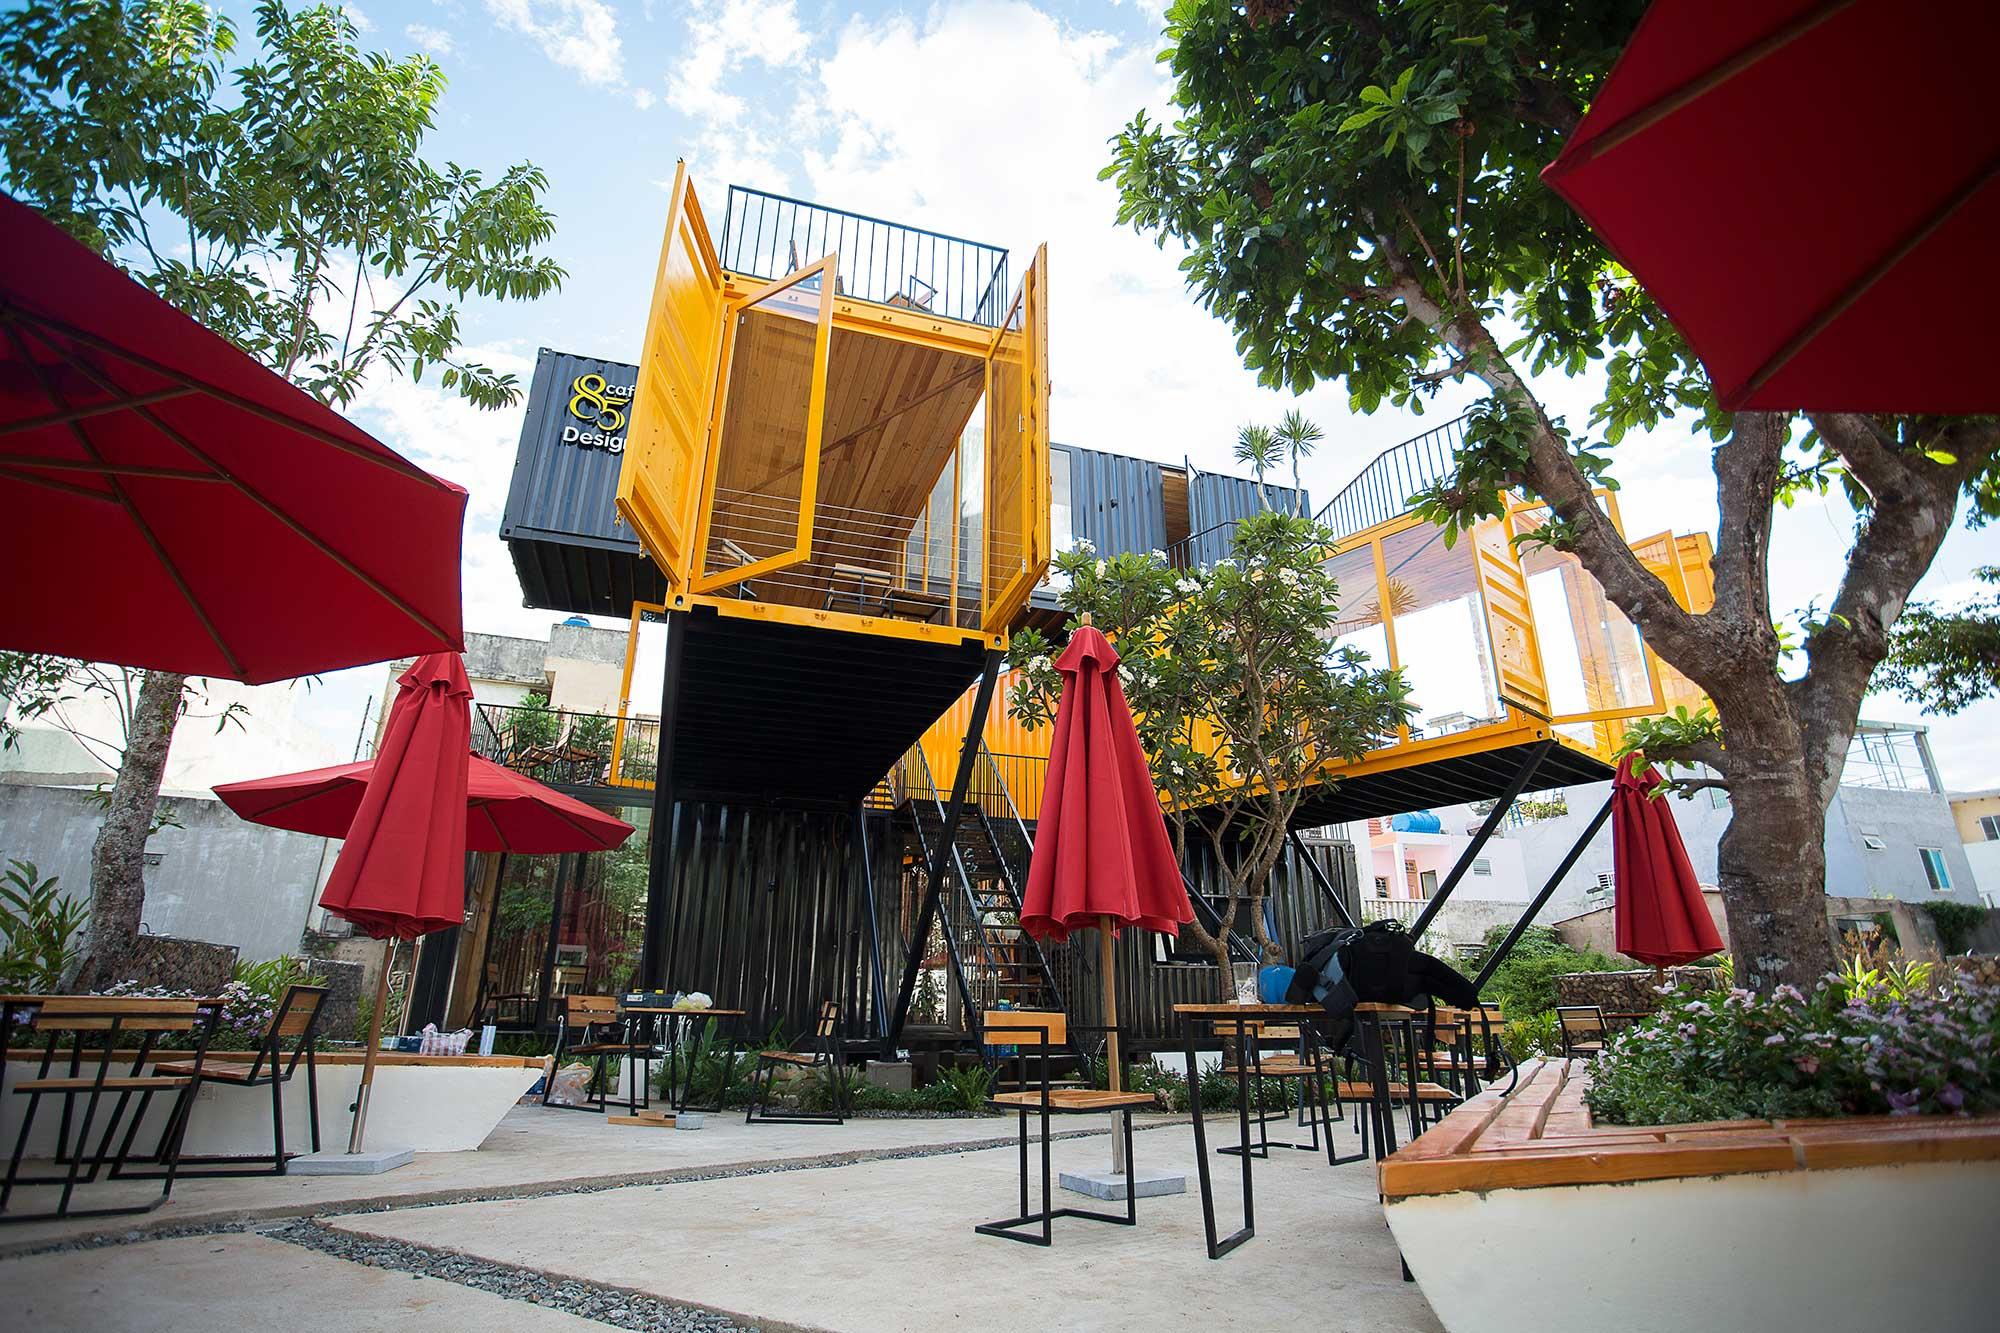 thiết kế Cafe 85 Design Cafe76